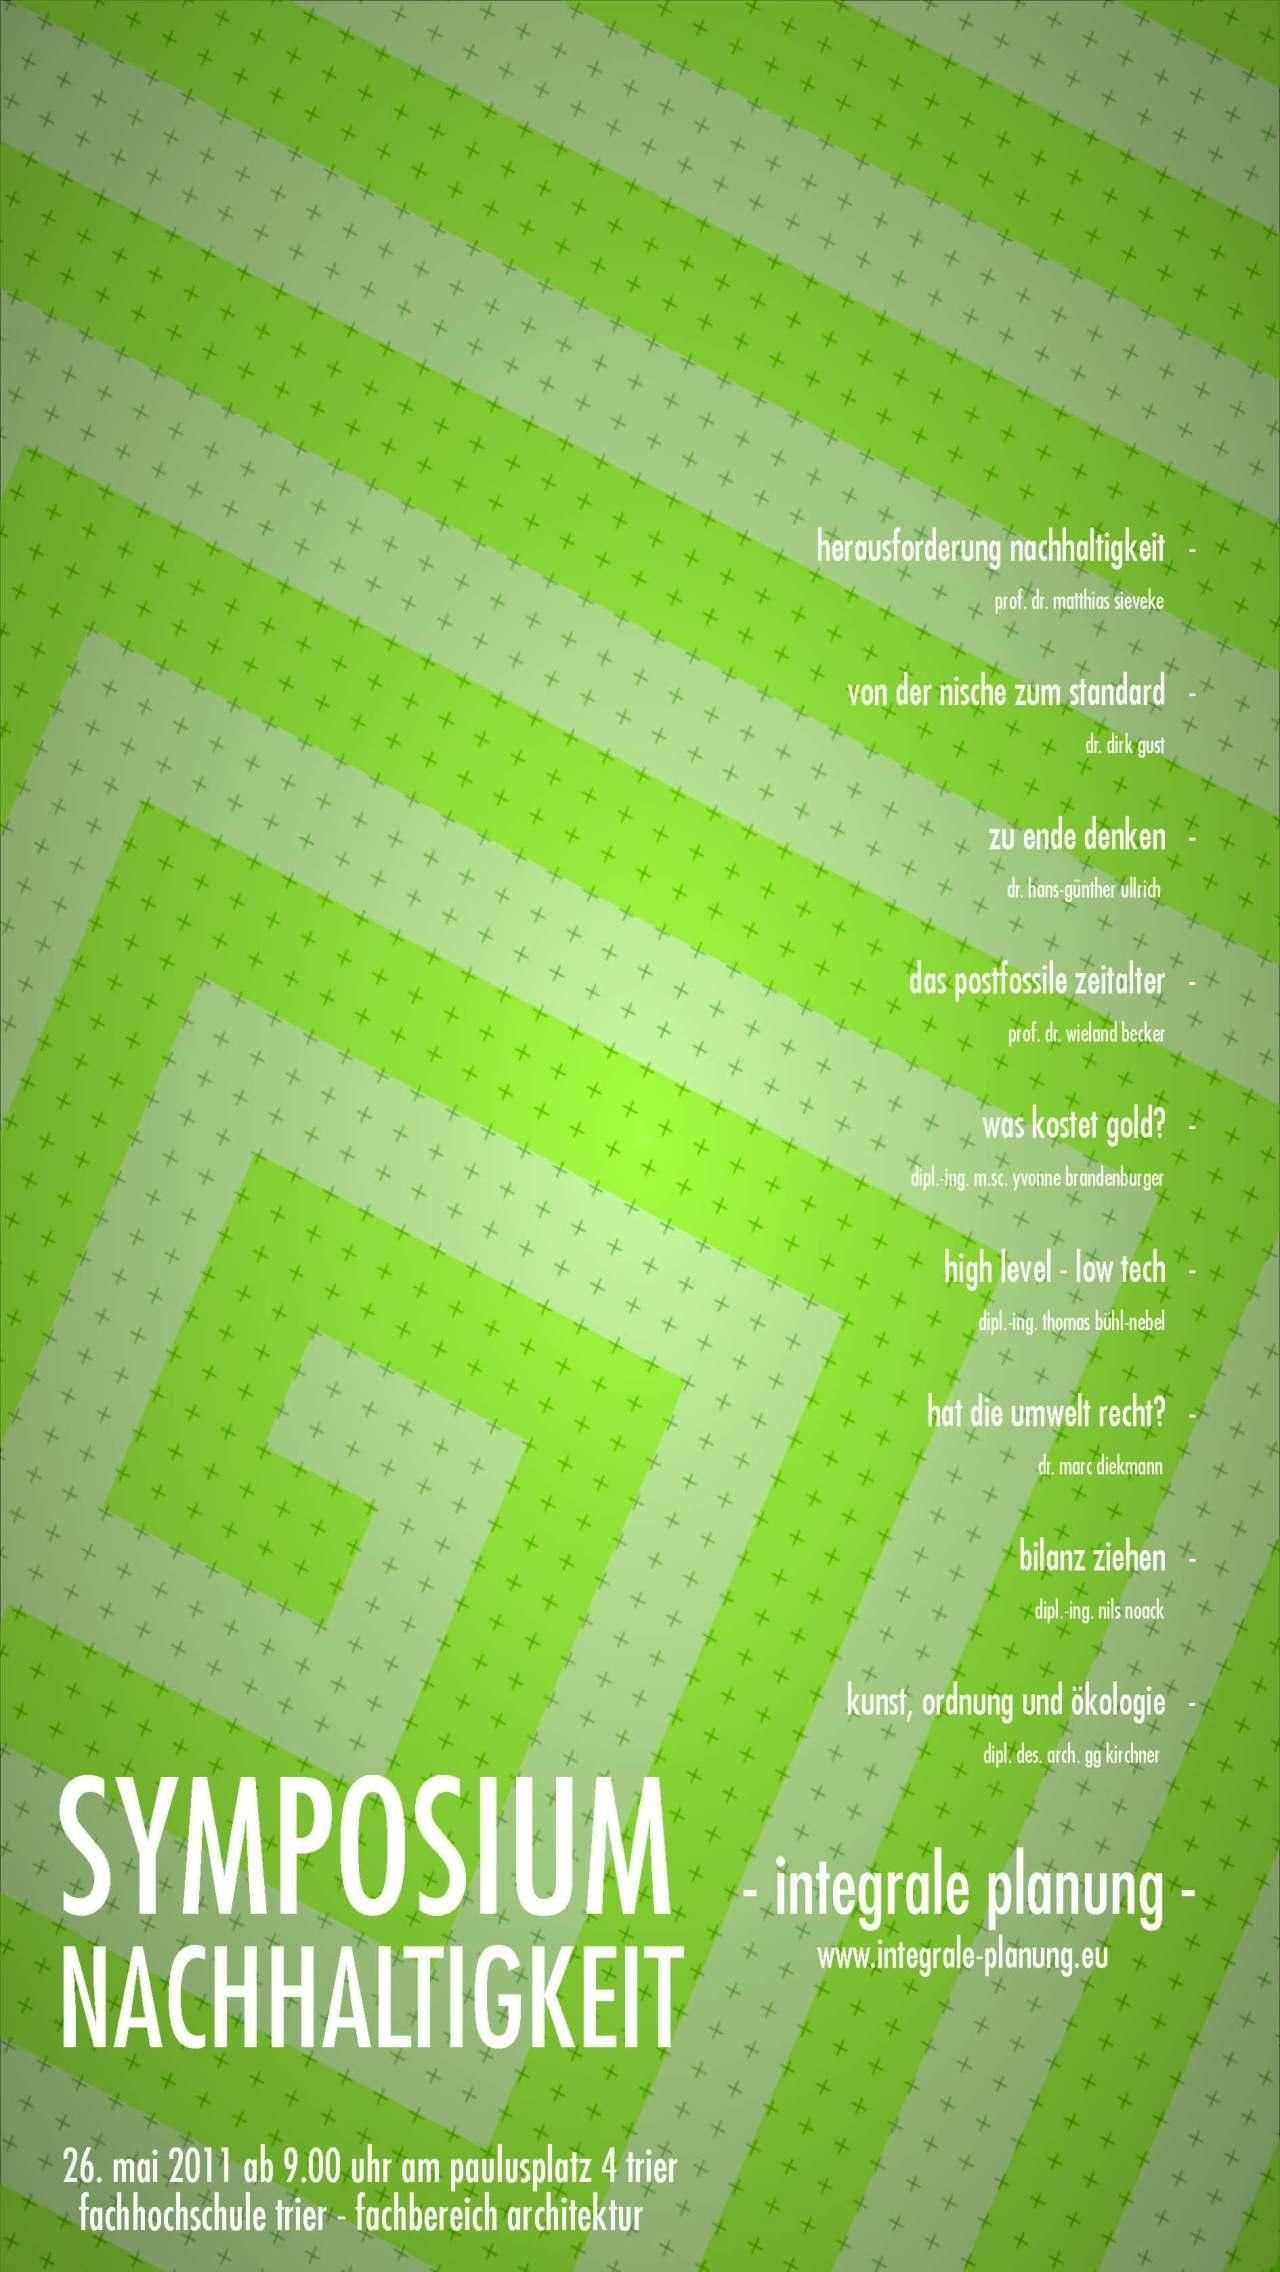 11.05.11-Plakat-vollversionll